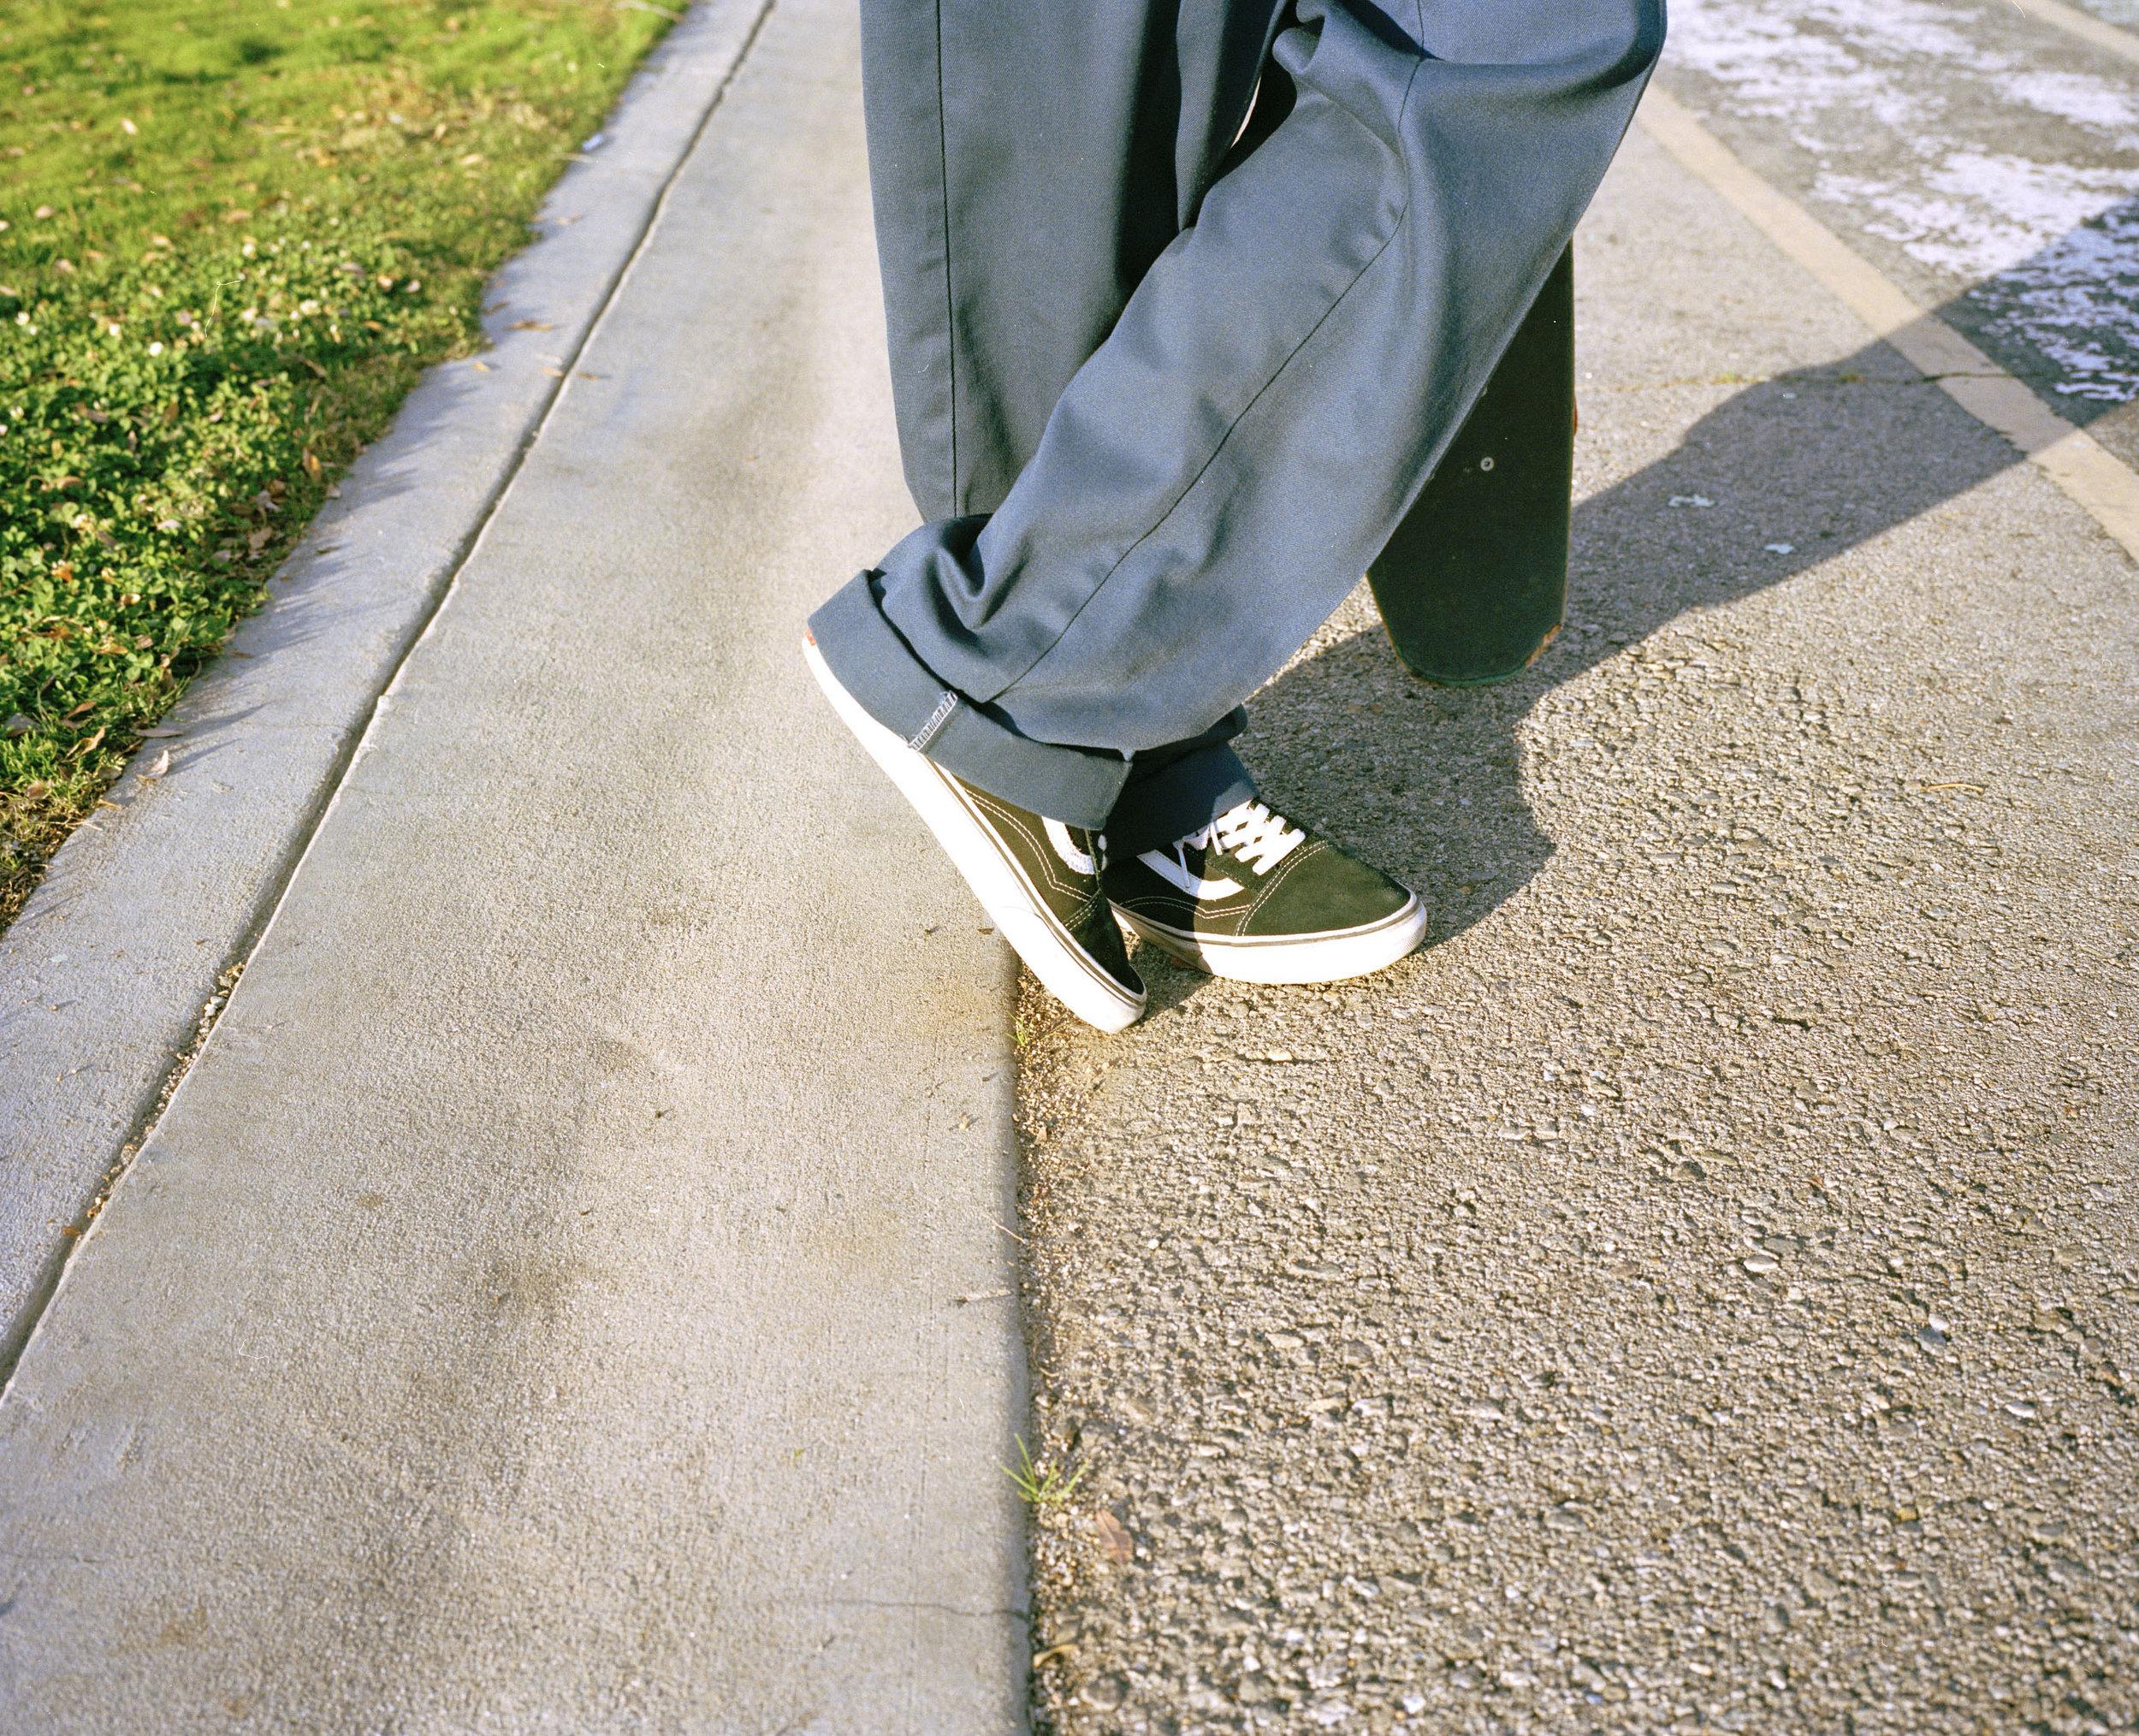 vansshoes.jpg